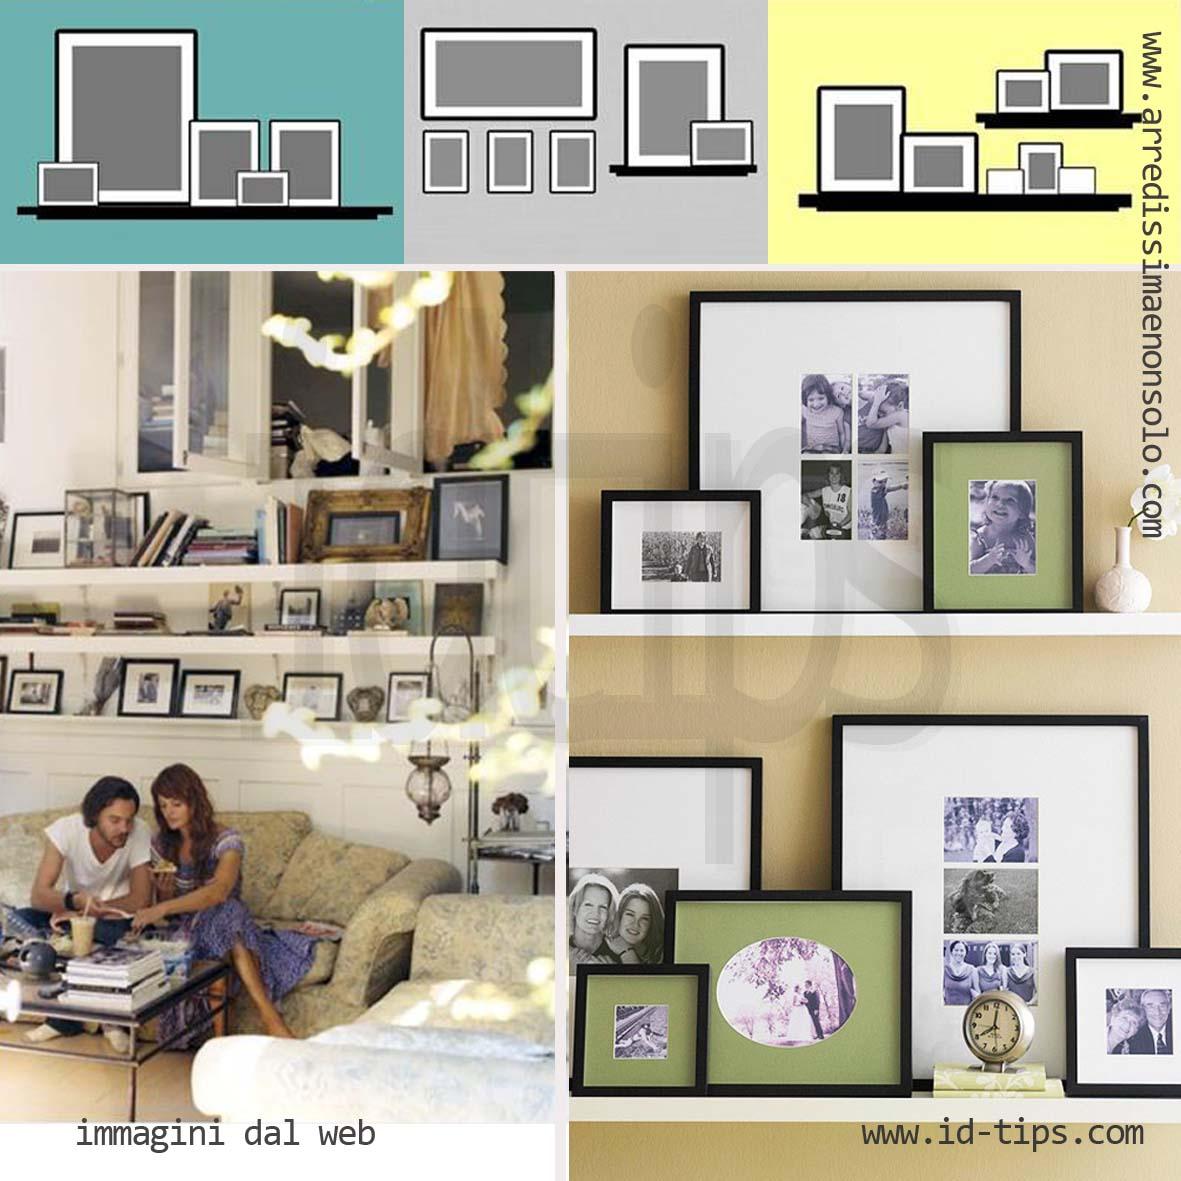 Cavalletti Per Quadri Ikea appendiamo quadri e fotografie!